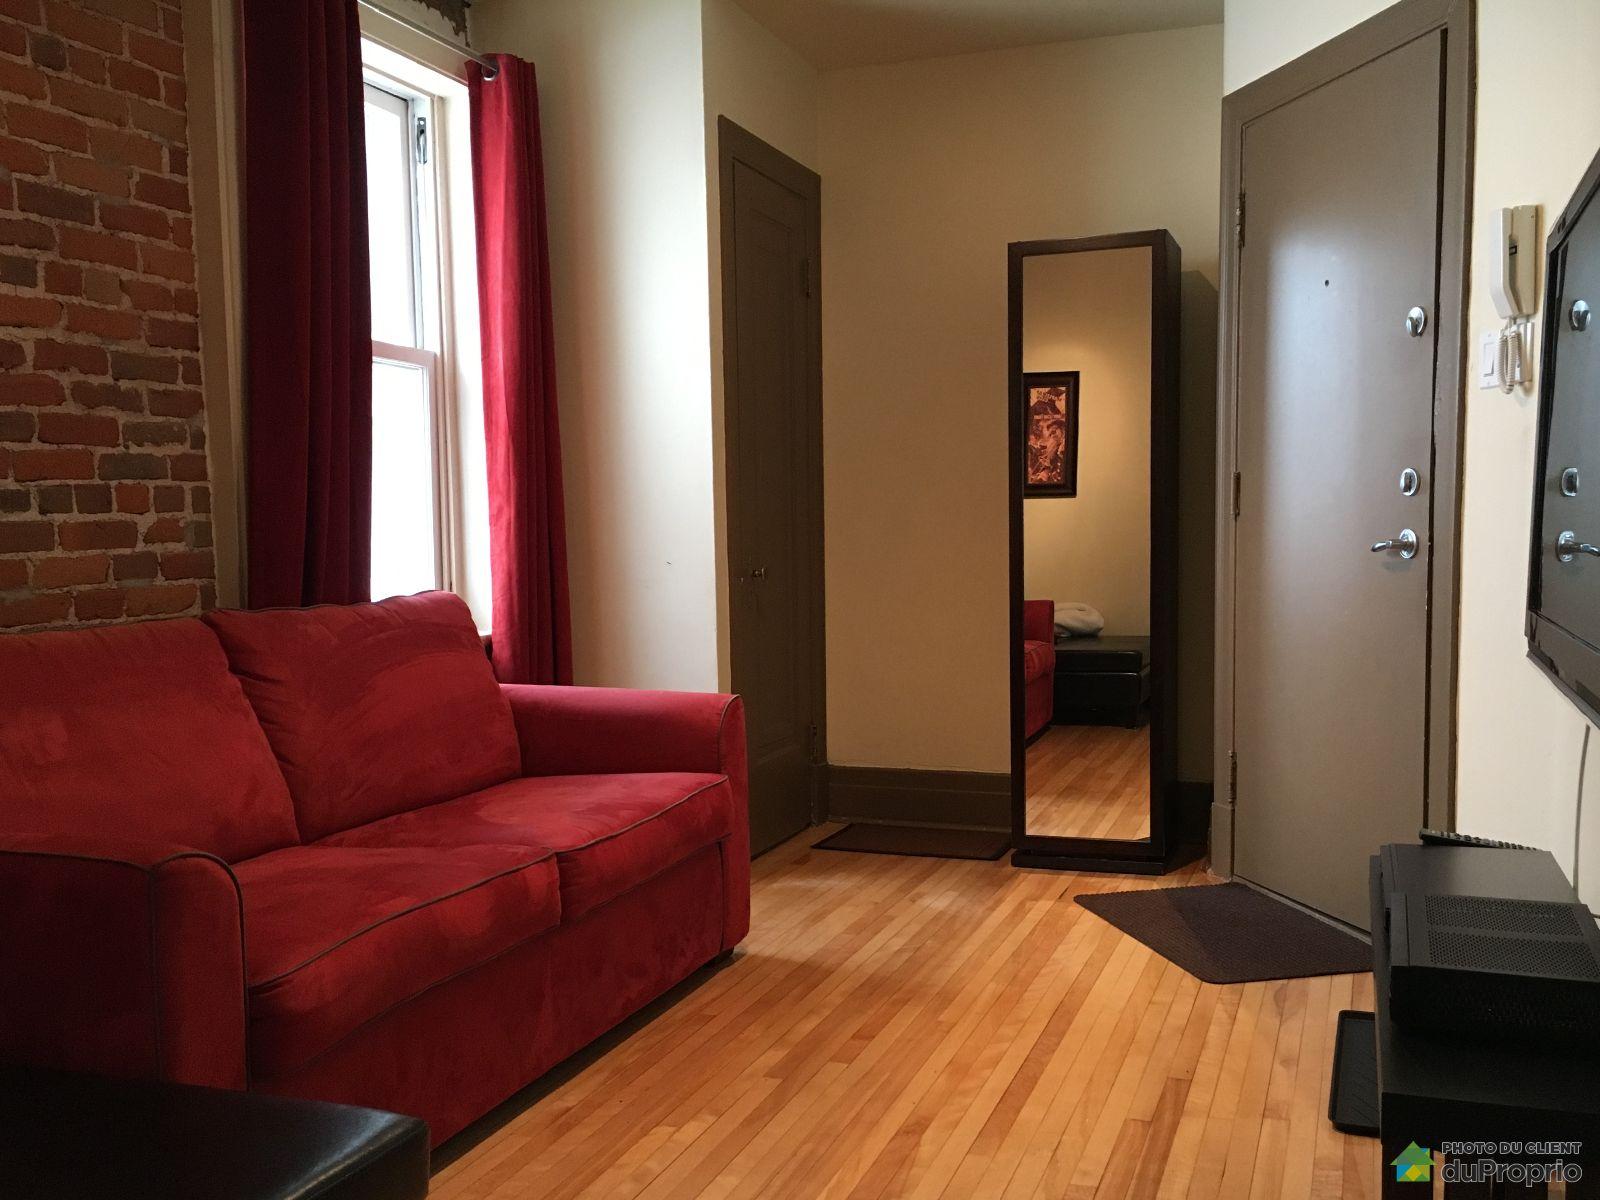 11-81 rue Saint-Louis, Vieux-Québec for sale